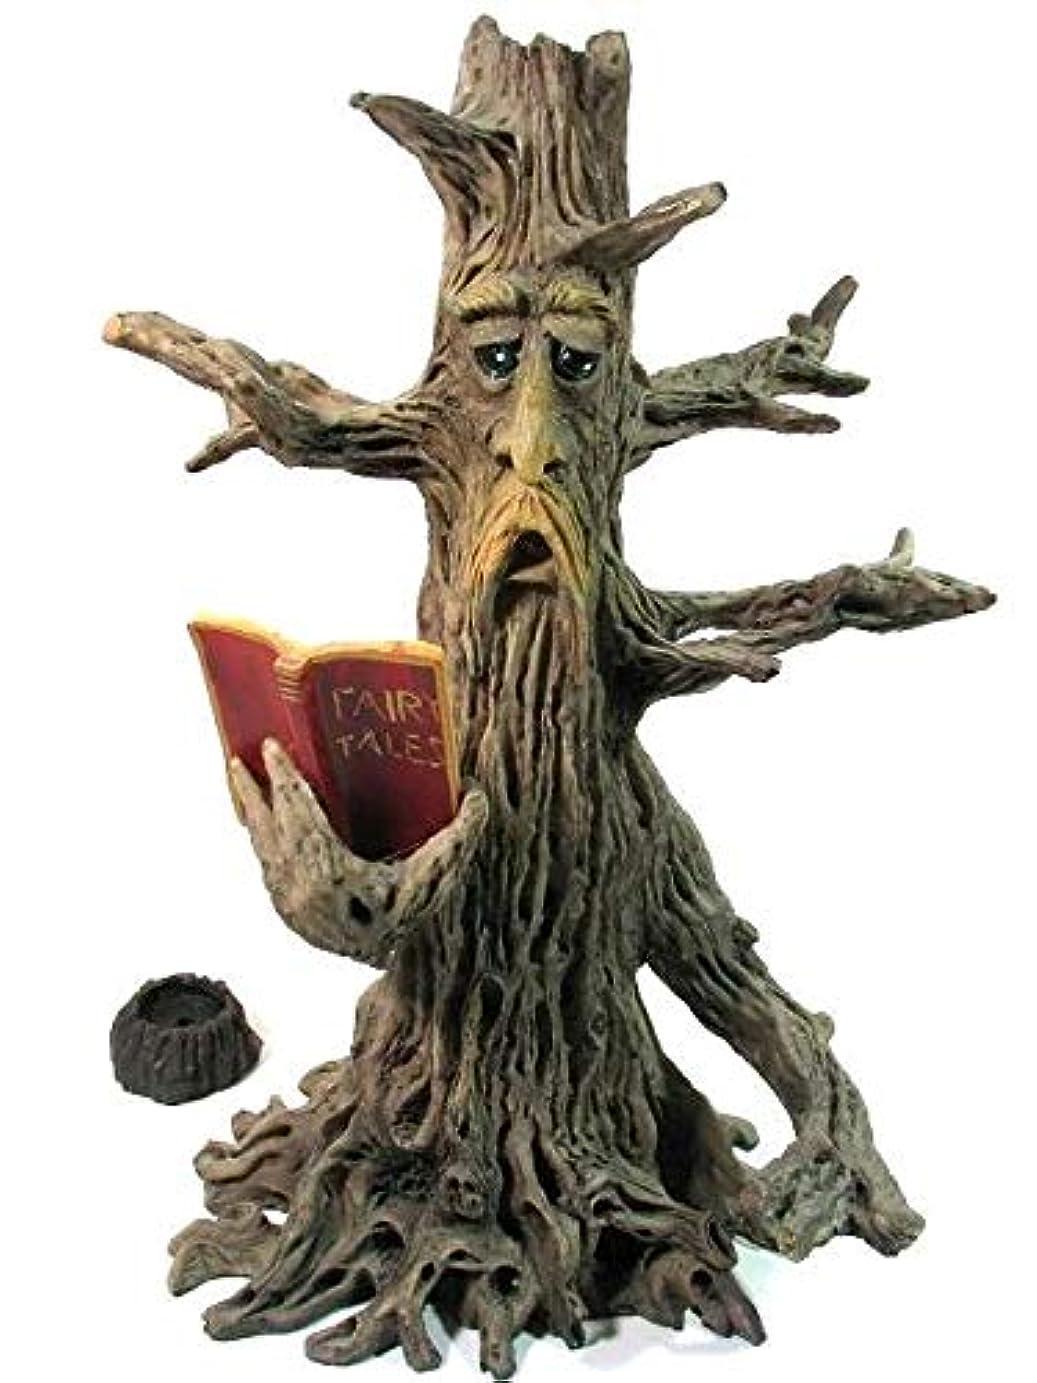 痴漢量で素朴な[INCENSE GOODS(インセンスグッズ)] TREE MAN READING BOOK INCENSE BURNER 木の精香立